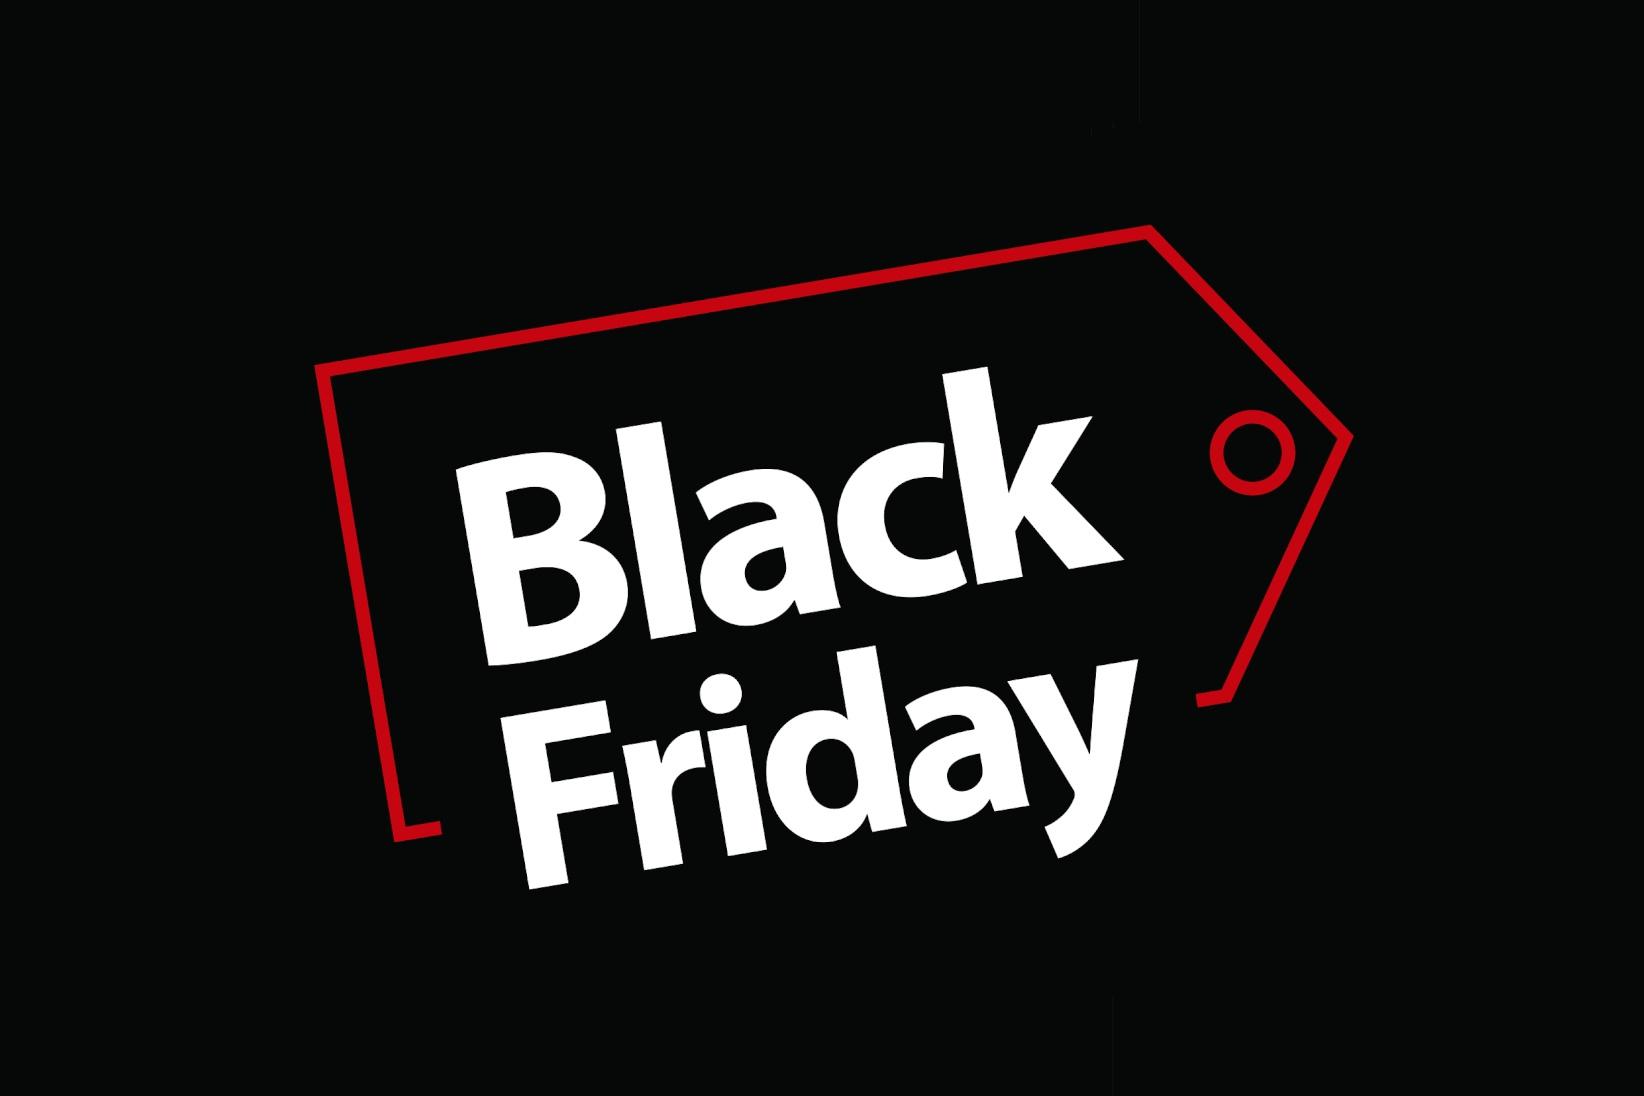 Resultado de imagem para Black Friday: Vendas no ecommerce somam R$ 724 milhões em 7 horas